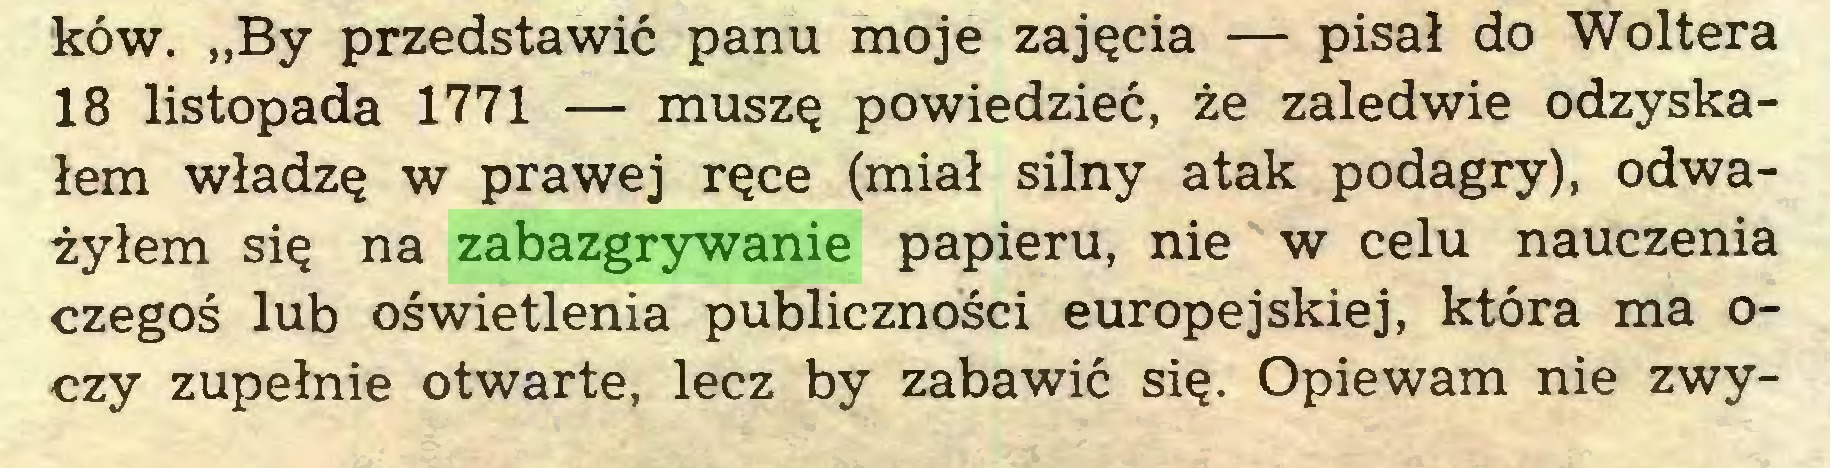 """(...) ków. """"By przedstawić panu moje zajęcia — pisał do Woltera 18 listopada 1771 — muszę powiedzieć, że zaledwie odzyskałem władzę w prawej ręce (miał silny atak podagry), odważyłem się na zabazgrywanie papieru, nie w celu nauczenia czegoś lub oświetlenia publiczności europejskiej, która ma oczy zupełnie otwarte, lecz by zabawić się. Opiewam nie zwy..."""